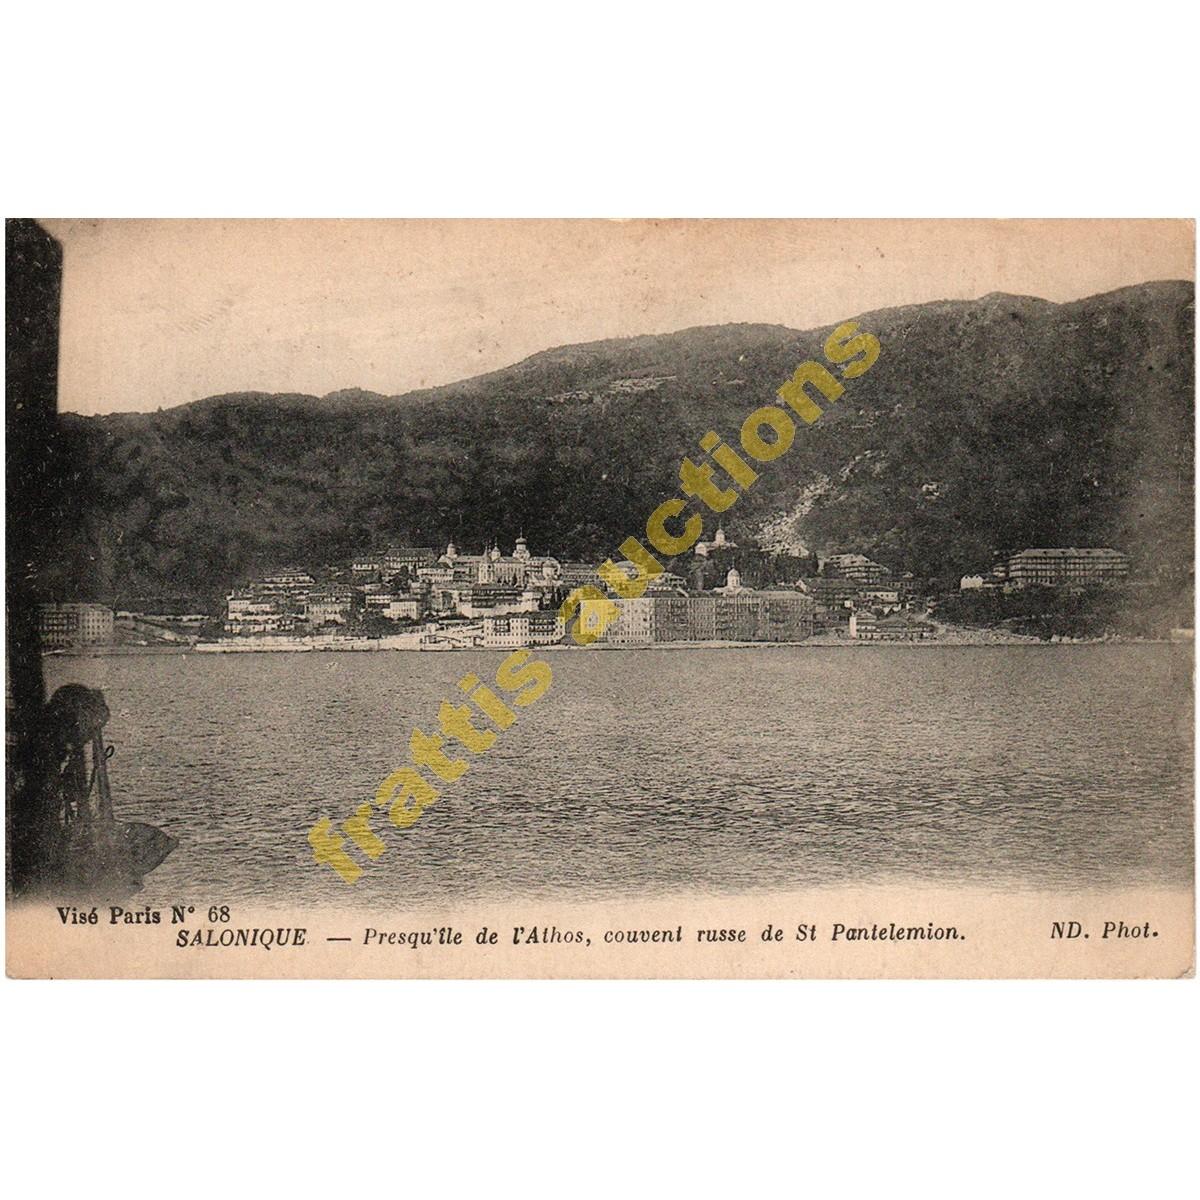 Ι.Μ. ΑΓΙΟΥ ΠΑΝΤΕΛΕΗΜΩΝΟΣ, Vise Paris No 68, Salonique, Presqu' ile de l' Athos, couvent de St Pantelemion, ND. Phot.